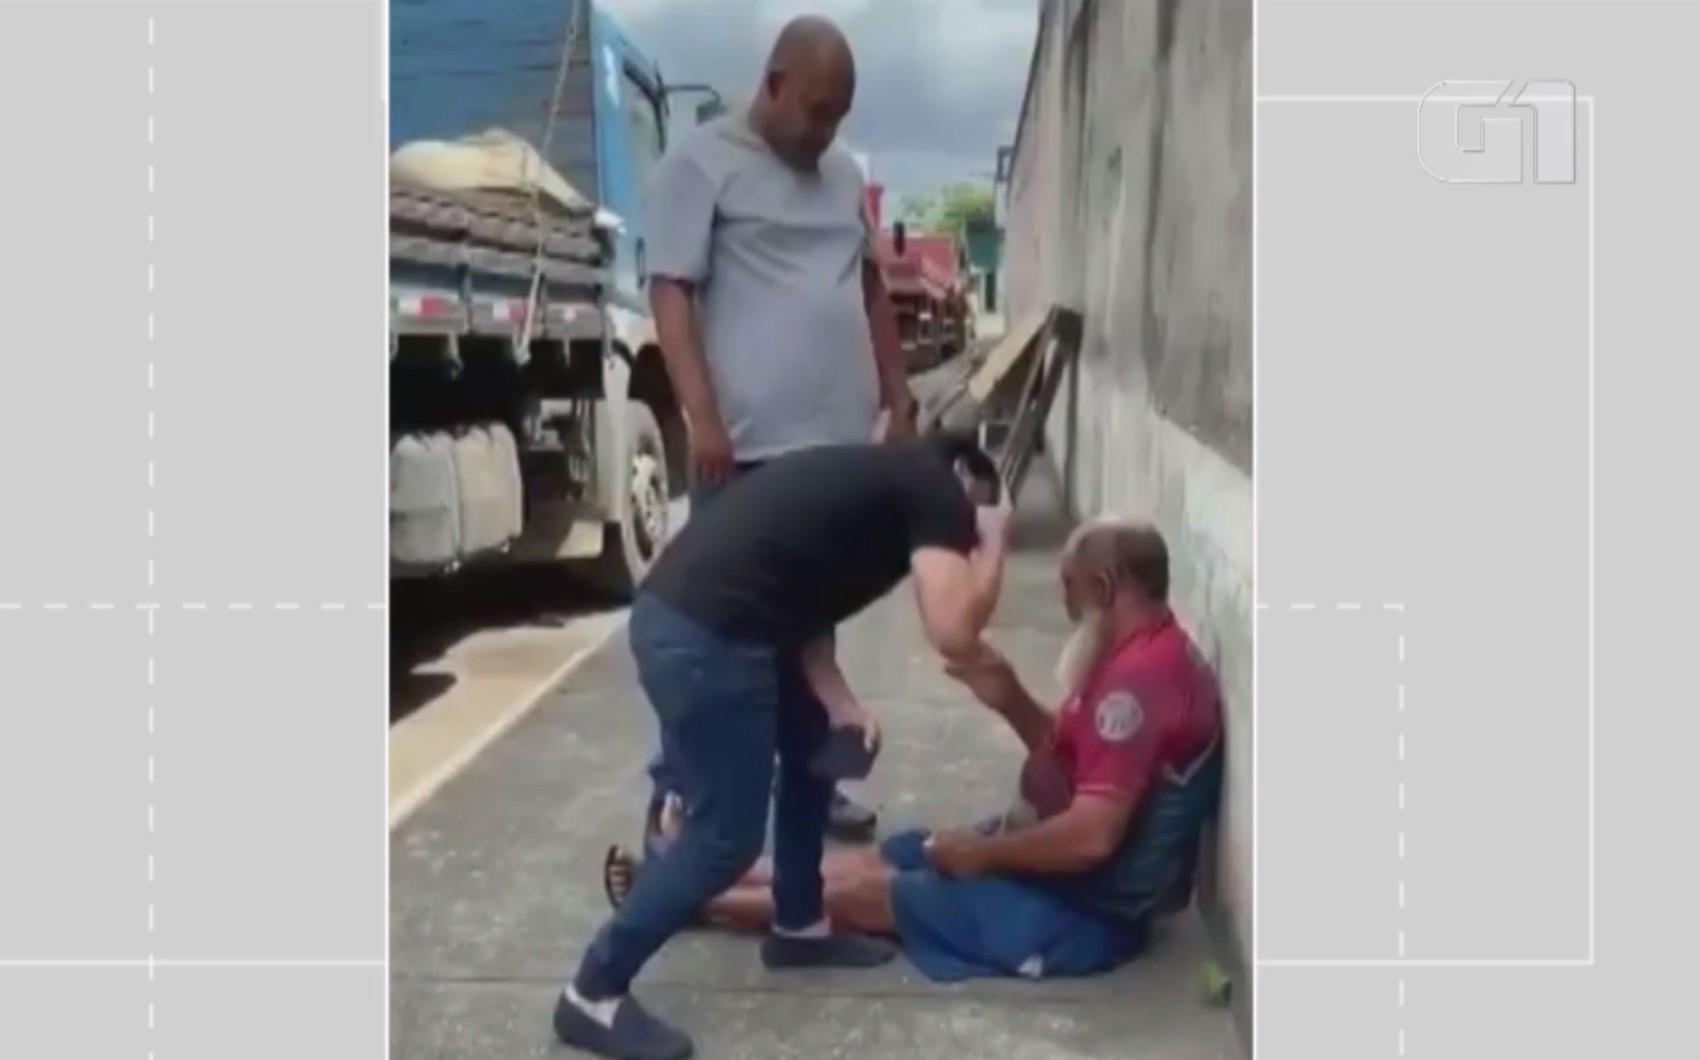 Ex-deputado Marcell Moraes chuta idoso que teria agredido cachorro e faz ameaça na BA: 'Deveria fazer o mesmo com você'